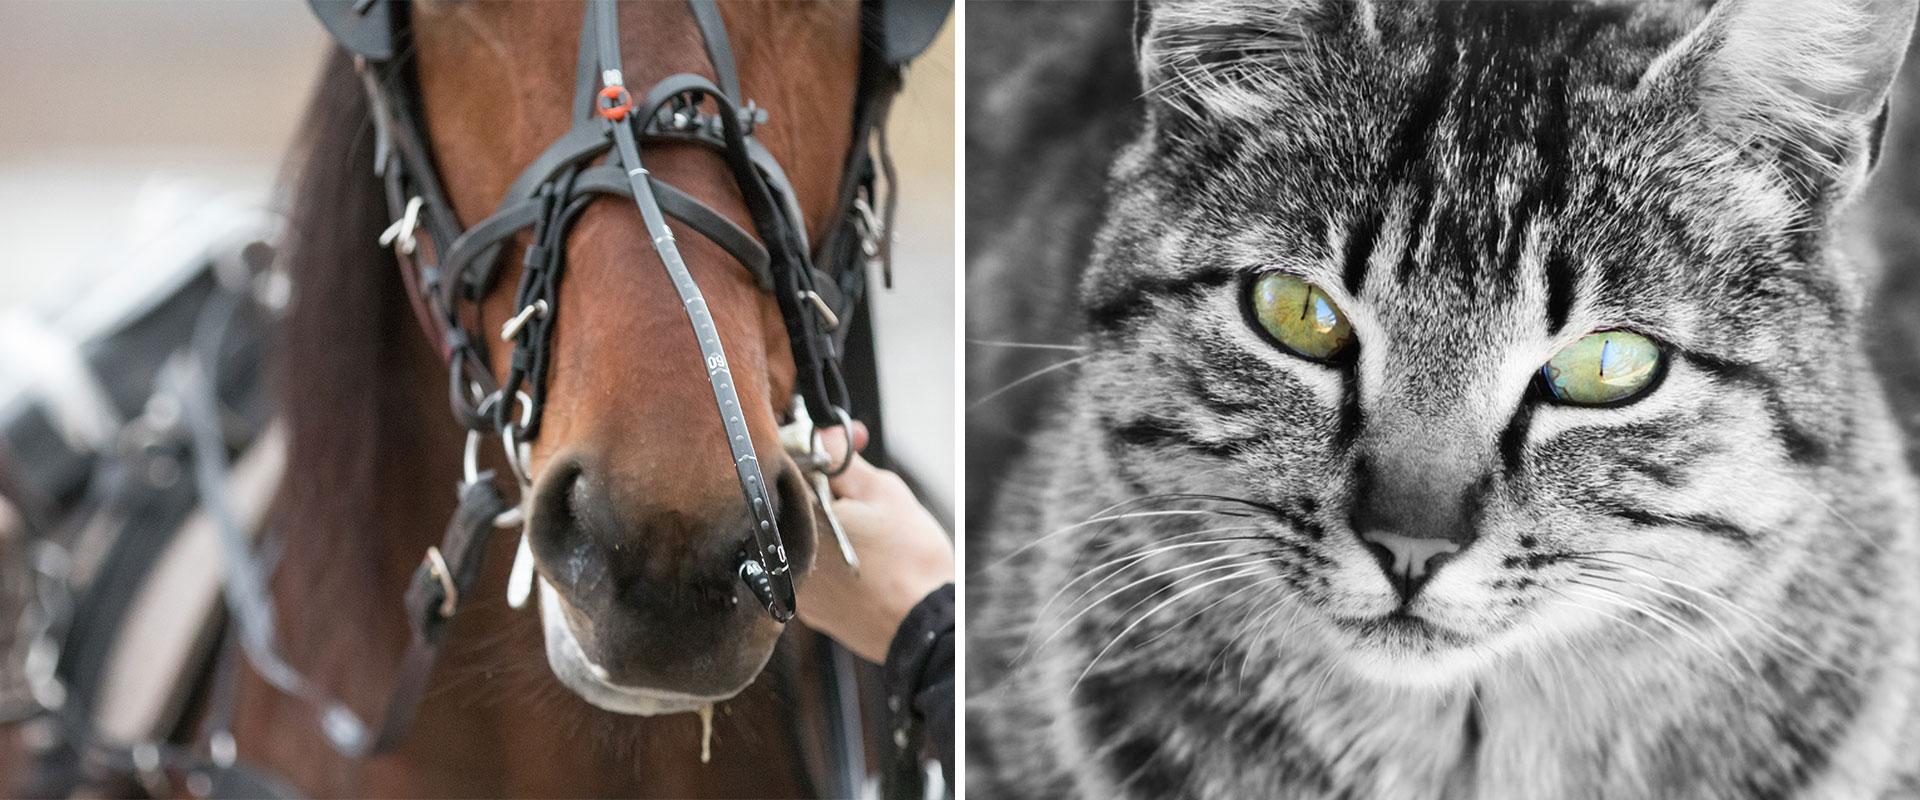 häst och svartvit katt